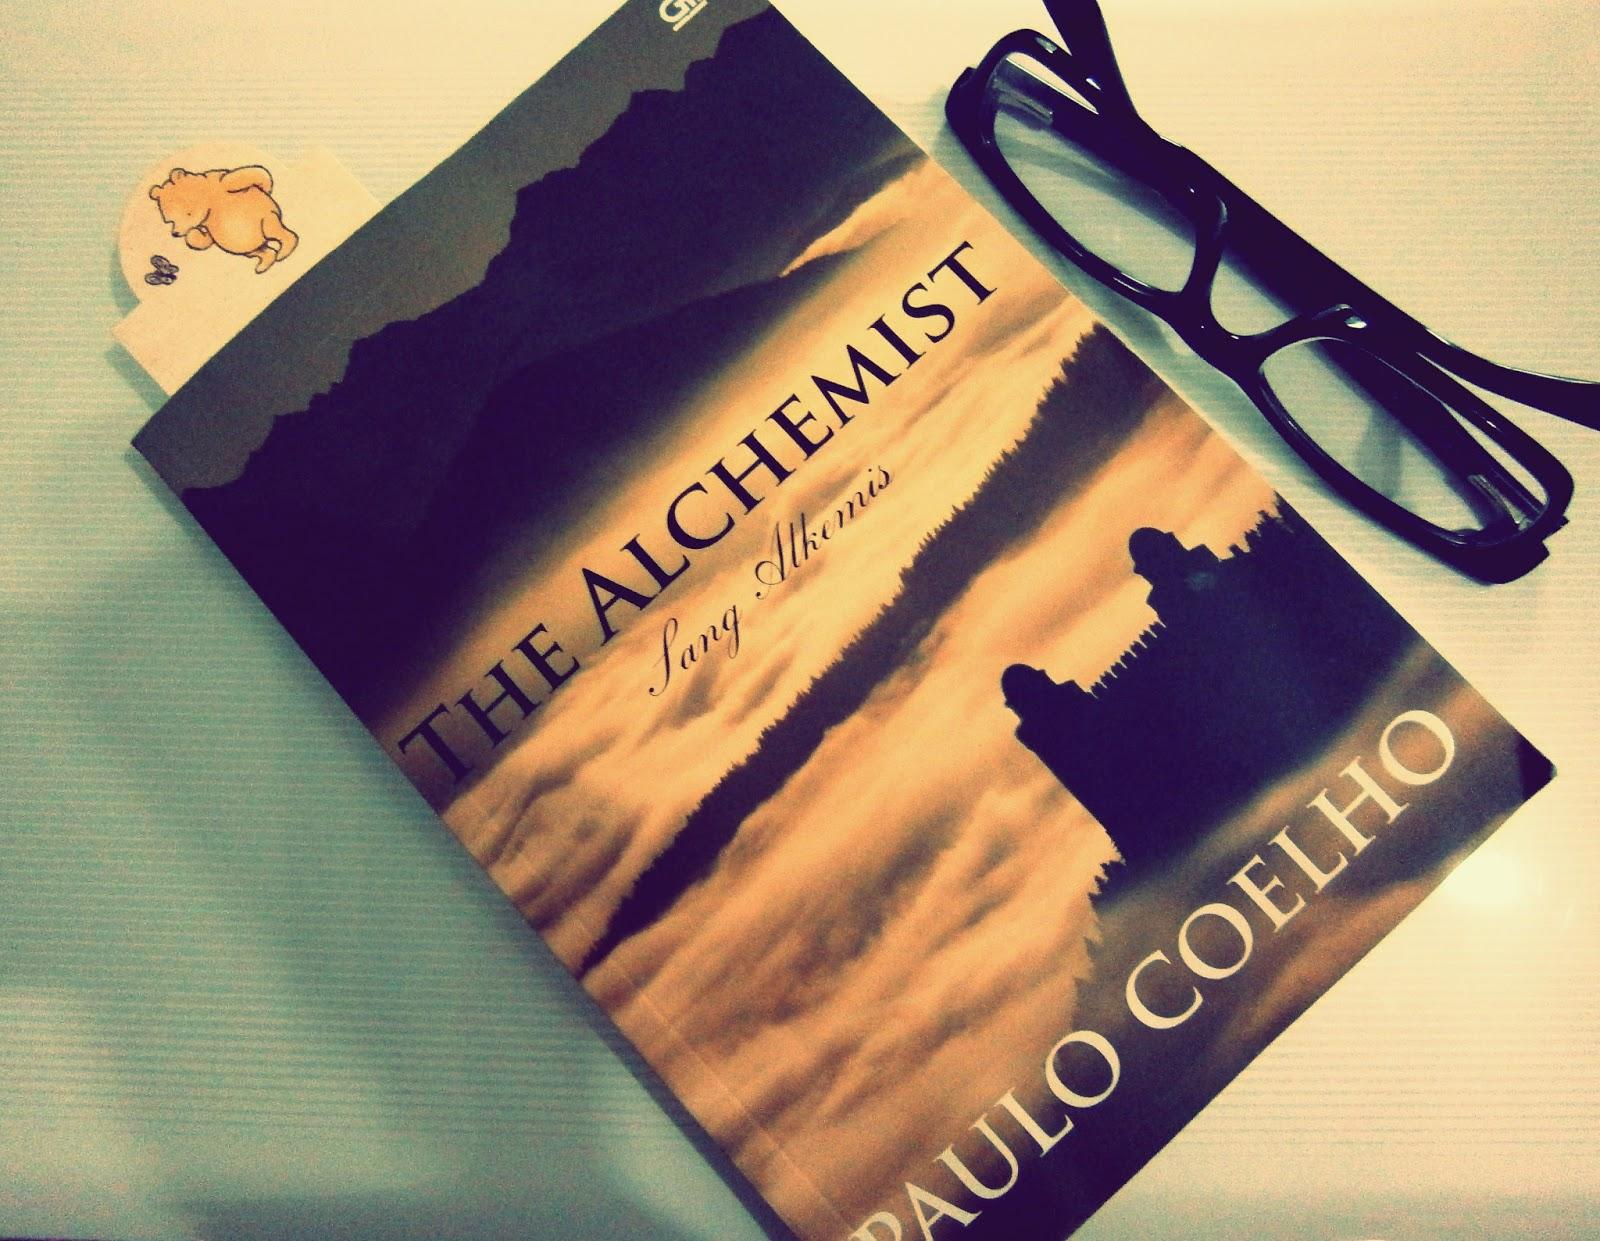 little serendipity the alchemist a book by paulo coelho gue baru aja selesai baca buku ini the alchemist sebenernya ini bukan buku baru sih terbitan aslinya o alquimista diterbitin tahun 1988 dalam bahasa